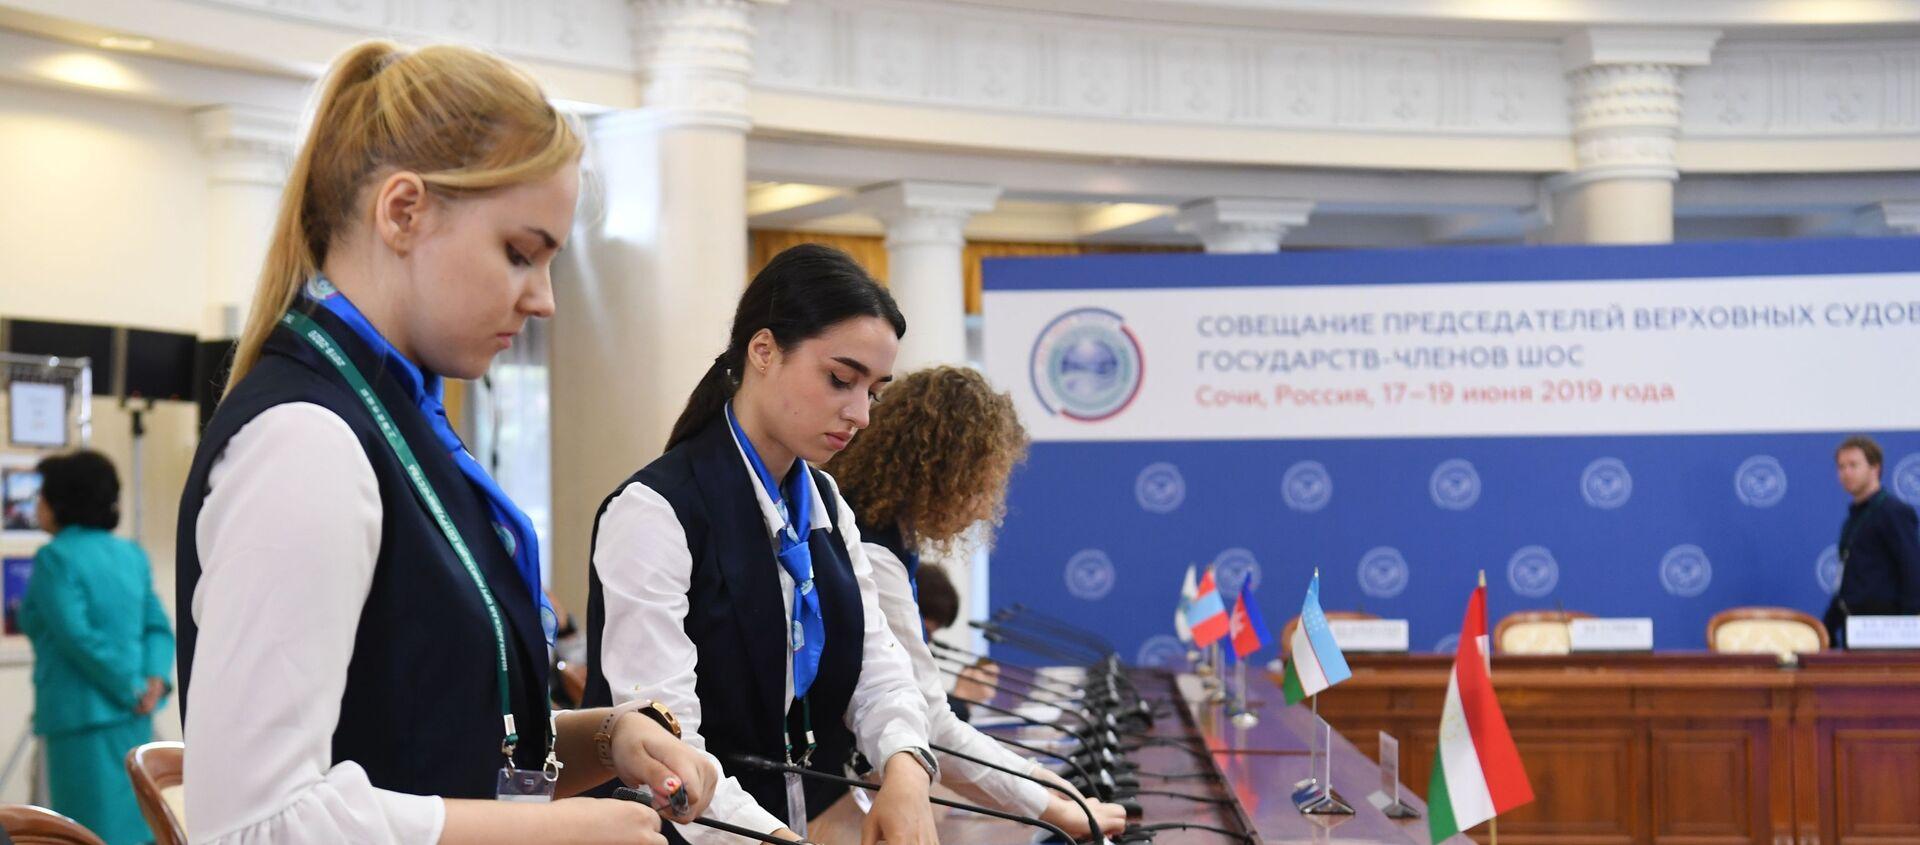 Подготовка к совещанию председателей верховных судов государств-членов ШОС - Sputnik Южная Осетия, 1920, 16.09.2021